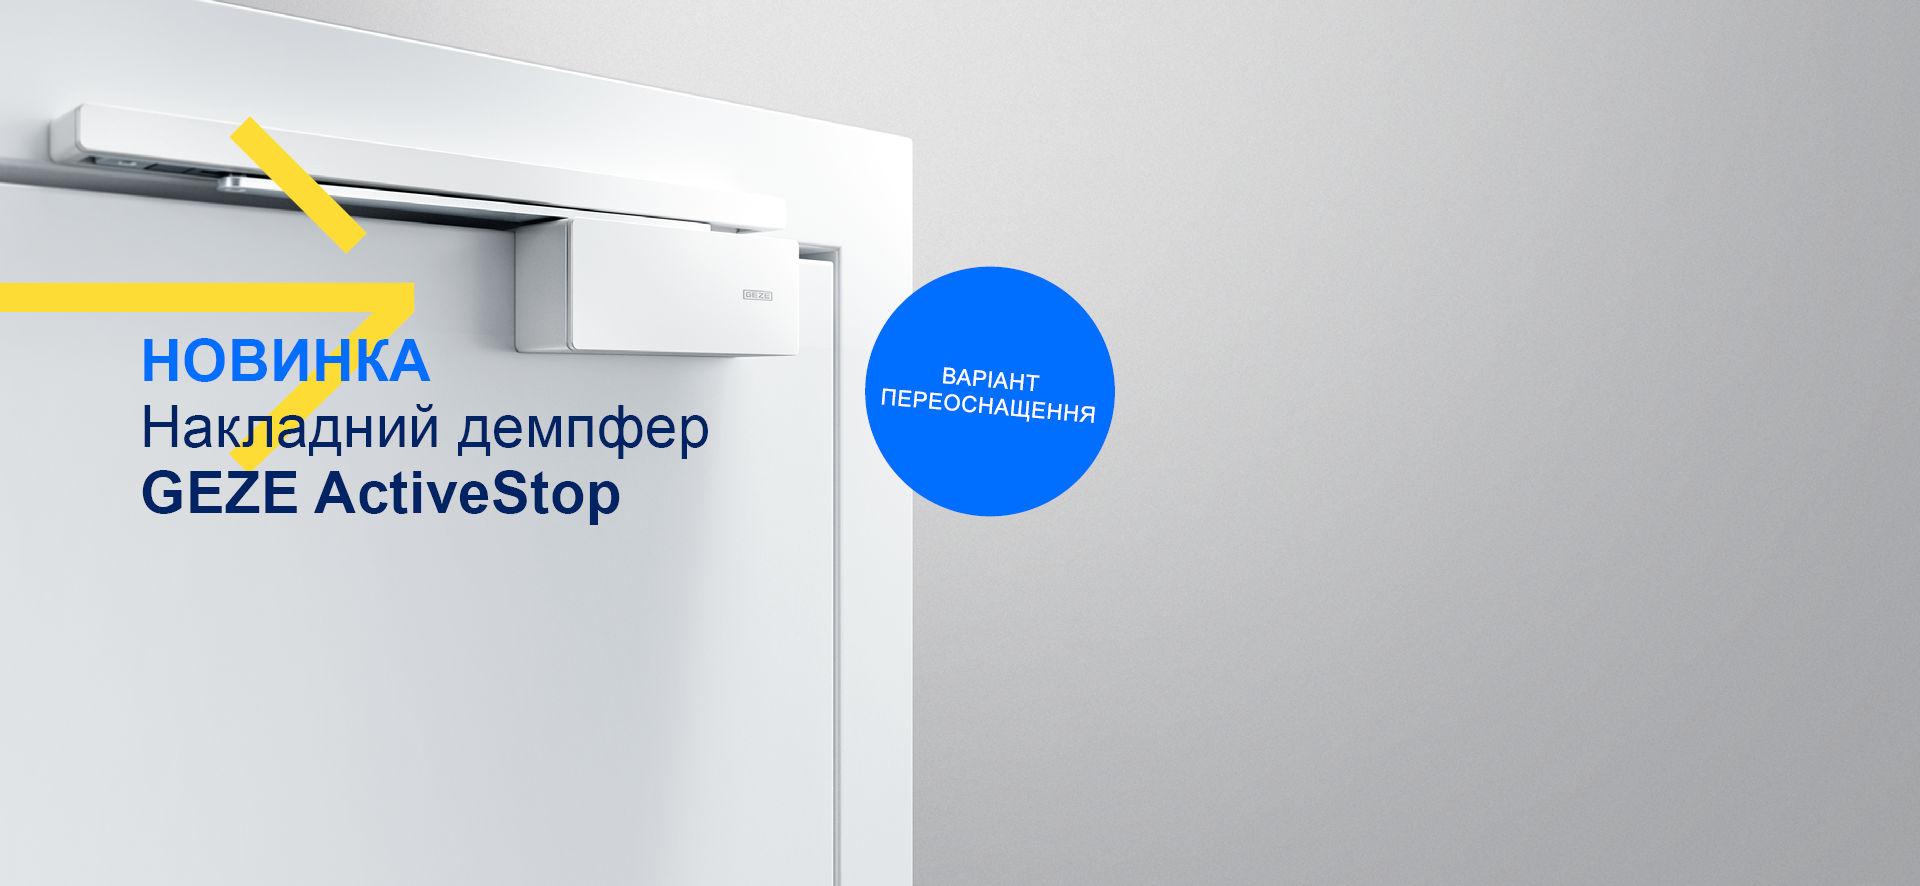 Наш GEZE ActiveStop обережно зупиняє двері, тихо закриває та тримає їх зручно відкритими. Окрім перевіреної вбудованої версії, тепер ми пропонуємо накладну версію для простого переоснащення.